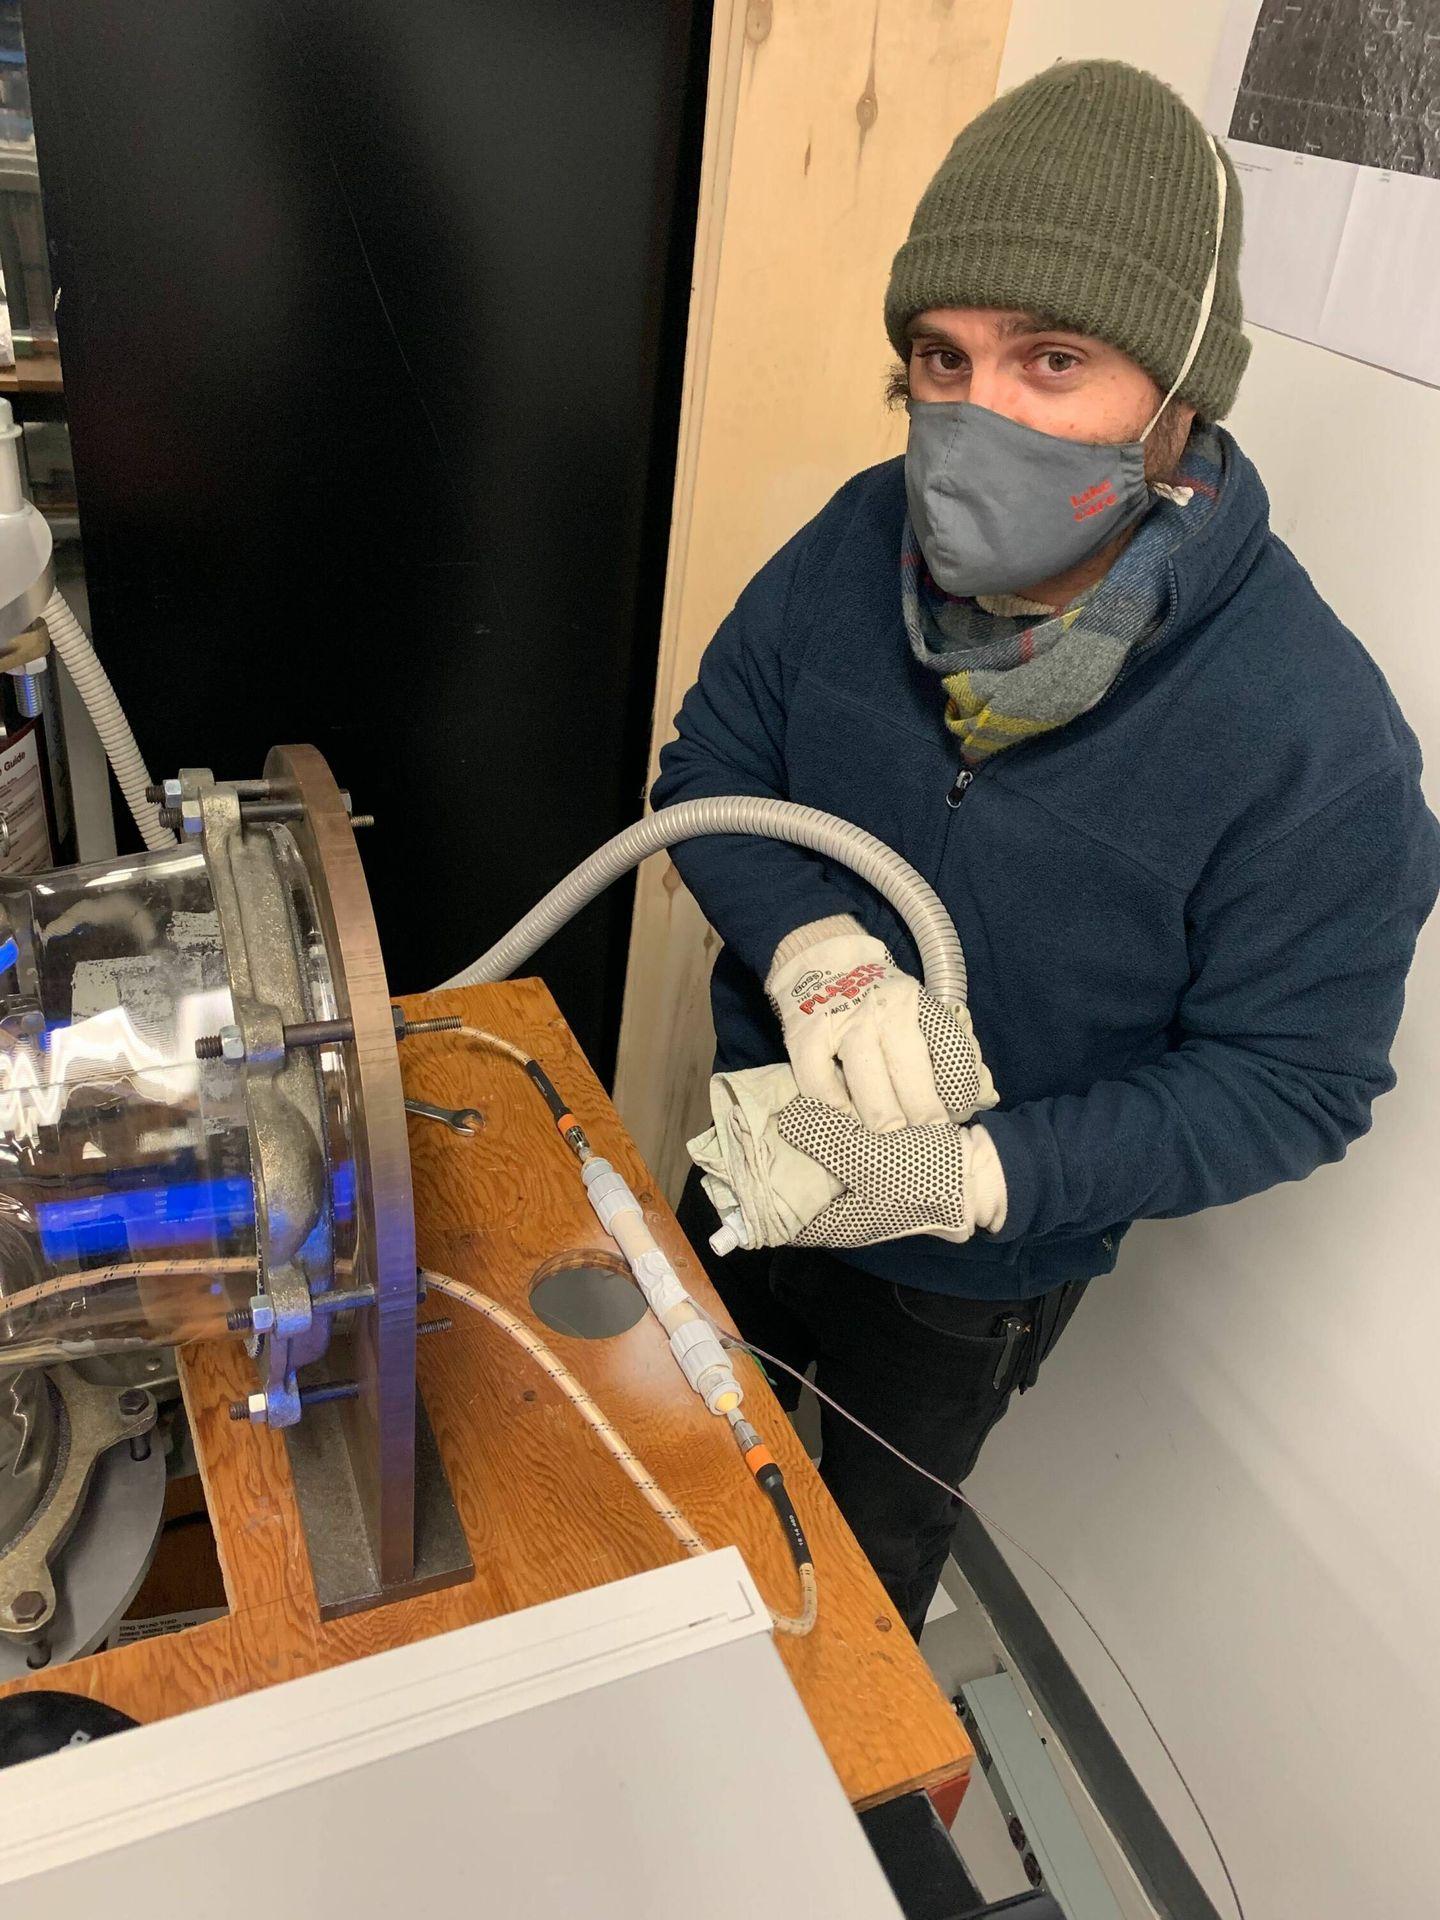 El investigador Isaac Smith preparado para poner la esmectita a -50 °C. (Universidad de York)